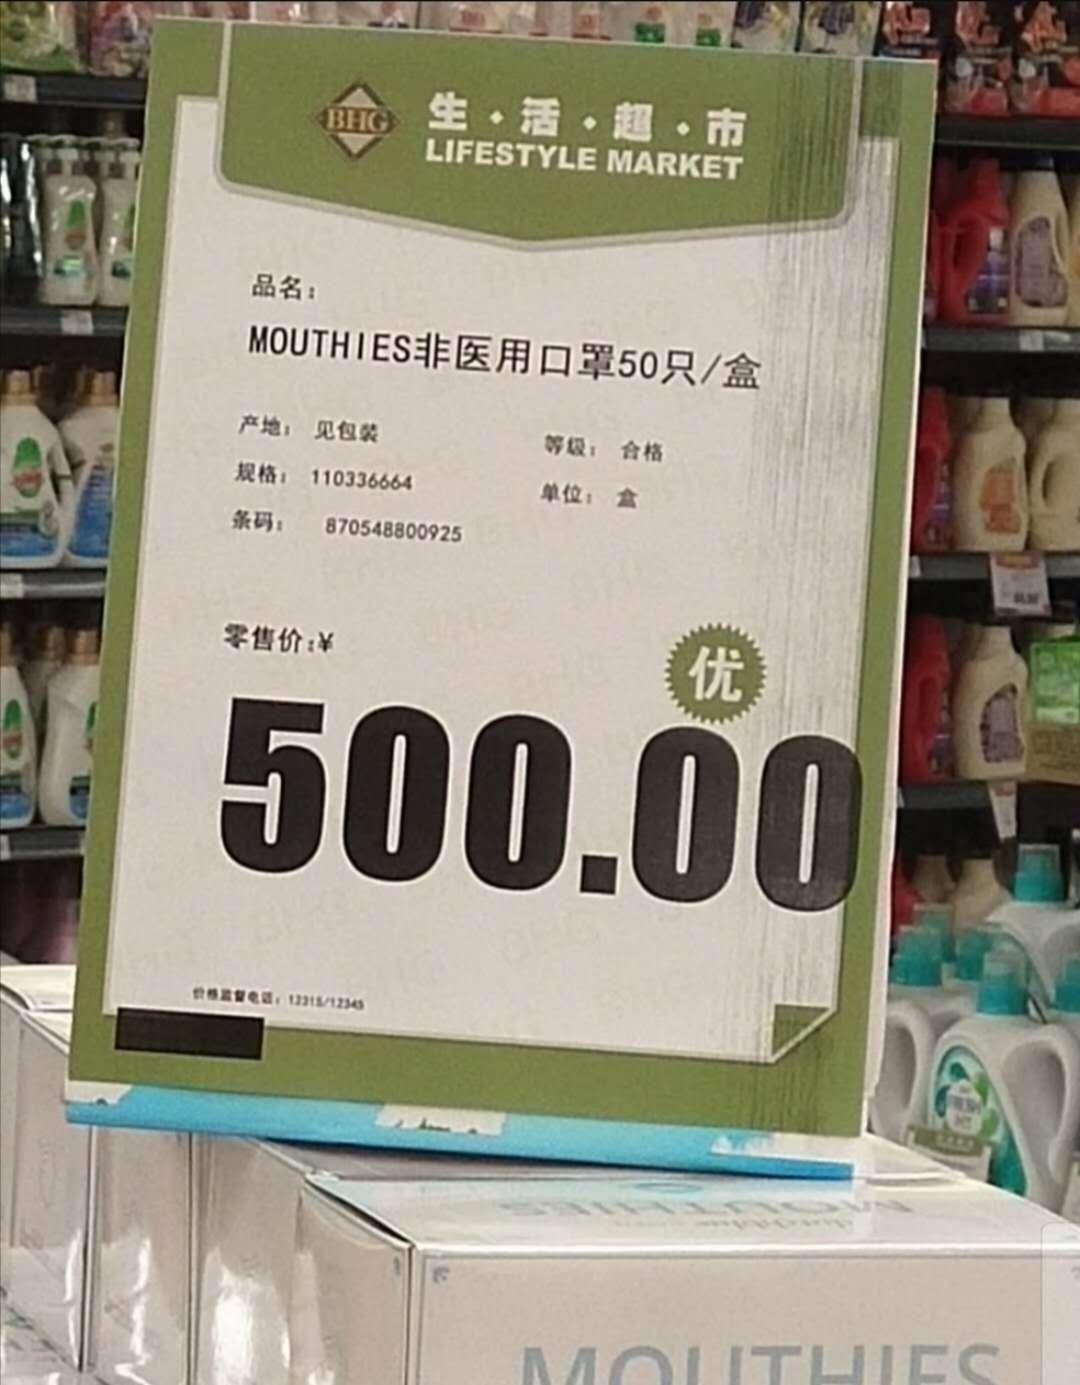 华联卖口罩一盒50个售价五百?商家:进价一个9.7元